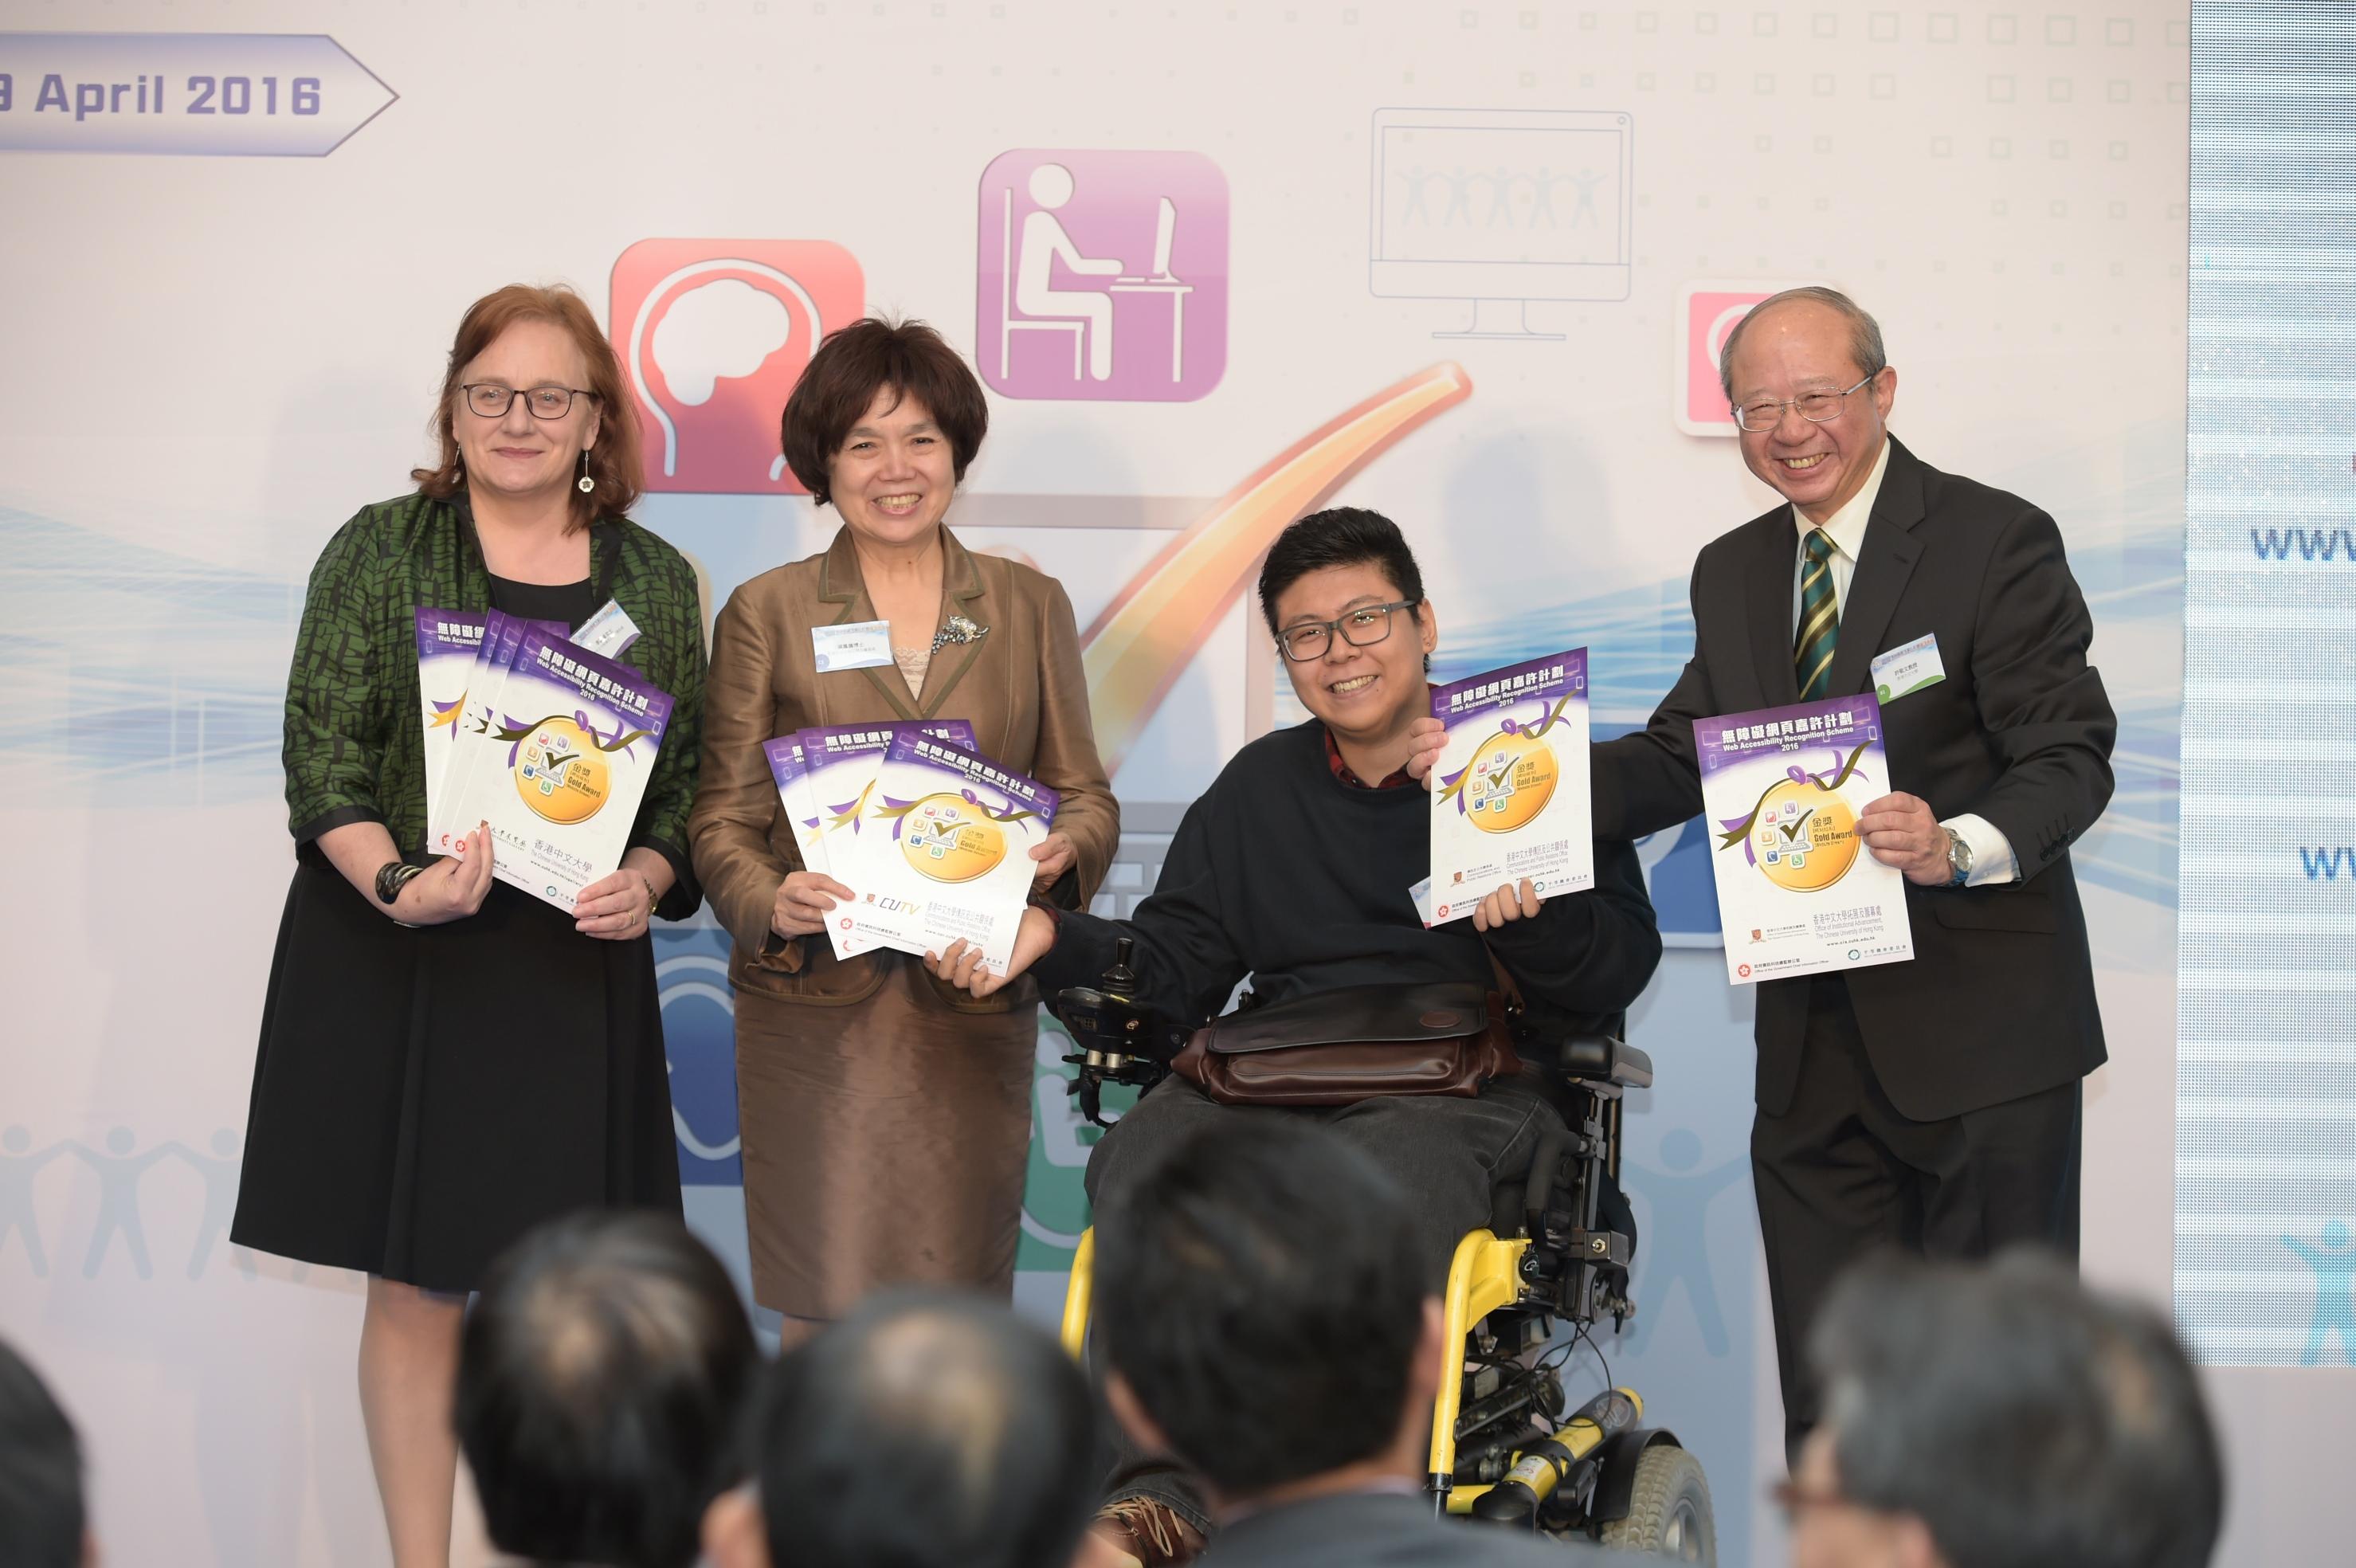 蘇永通先生(右二)頒授「金獎」獎狀予中大副校長許敬文教授(右一)、和聲書院院監會主席梁鳳儀博士(左二)及大學圖書館館長李露絲女士。